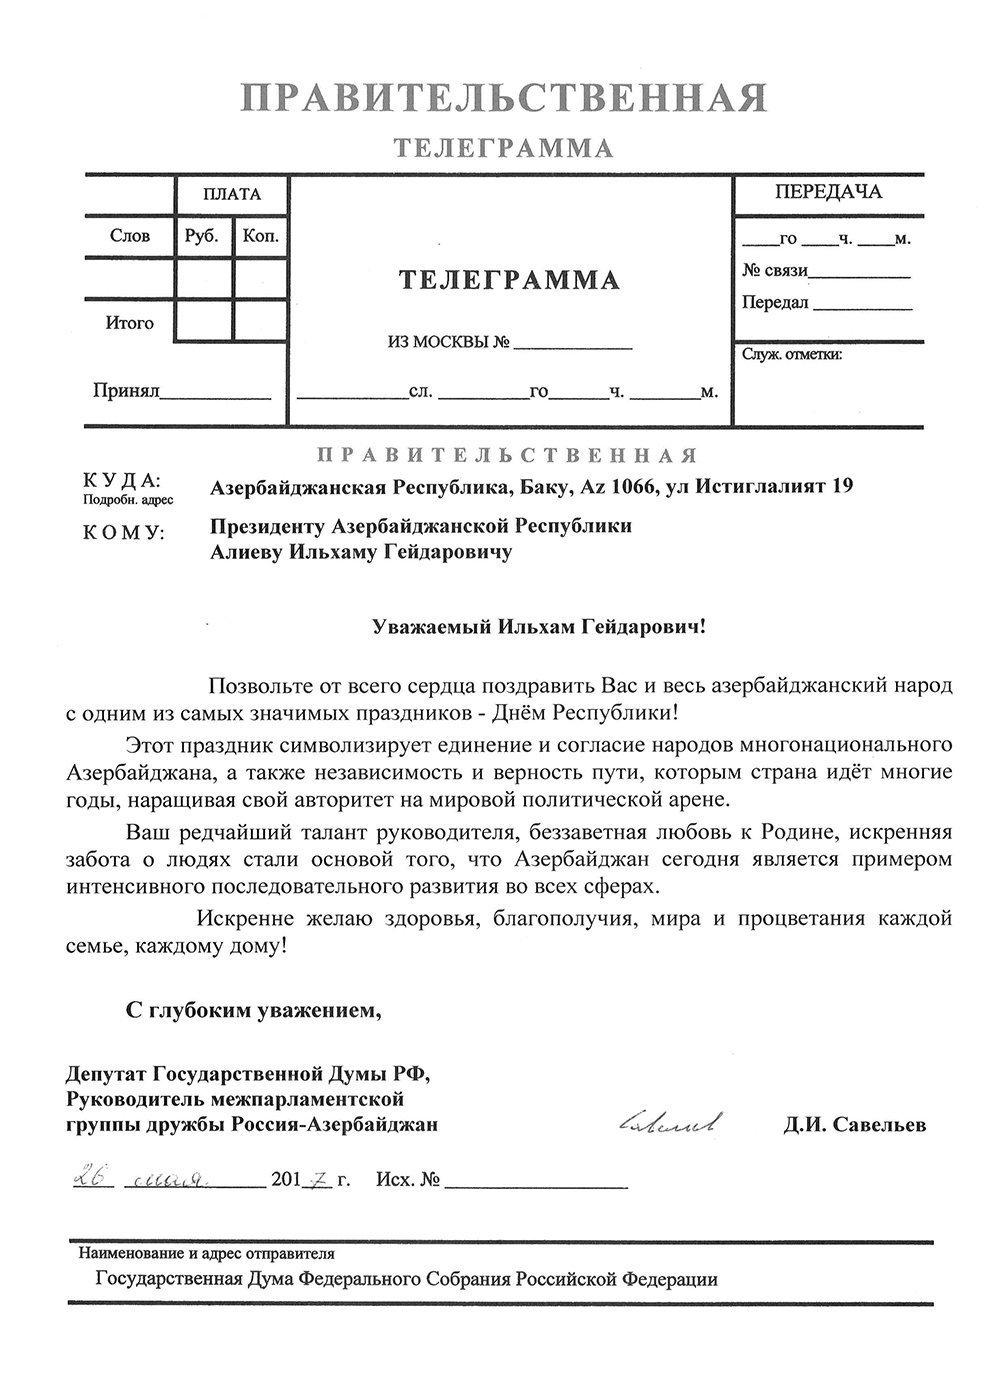 Правительственная телеграмма депутата Государственной Думы РФ Дмитриева Савельева